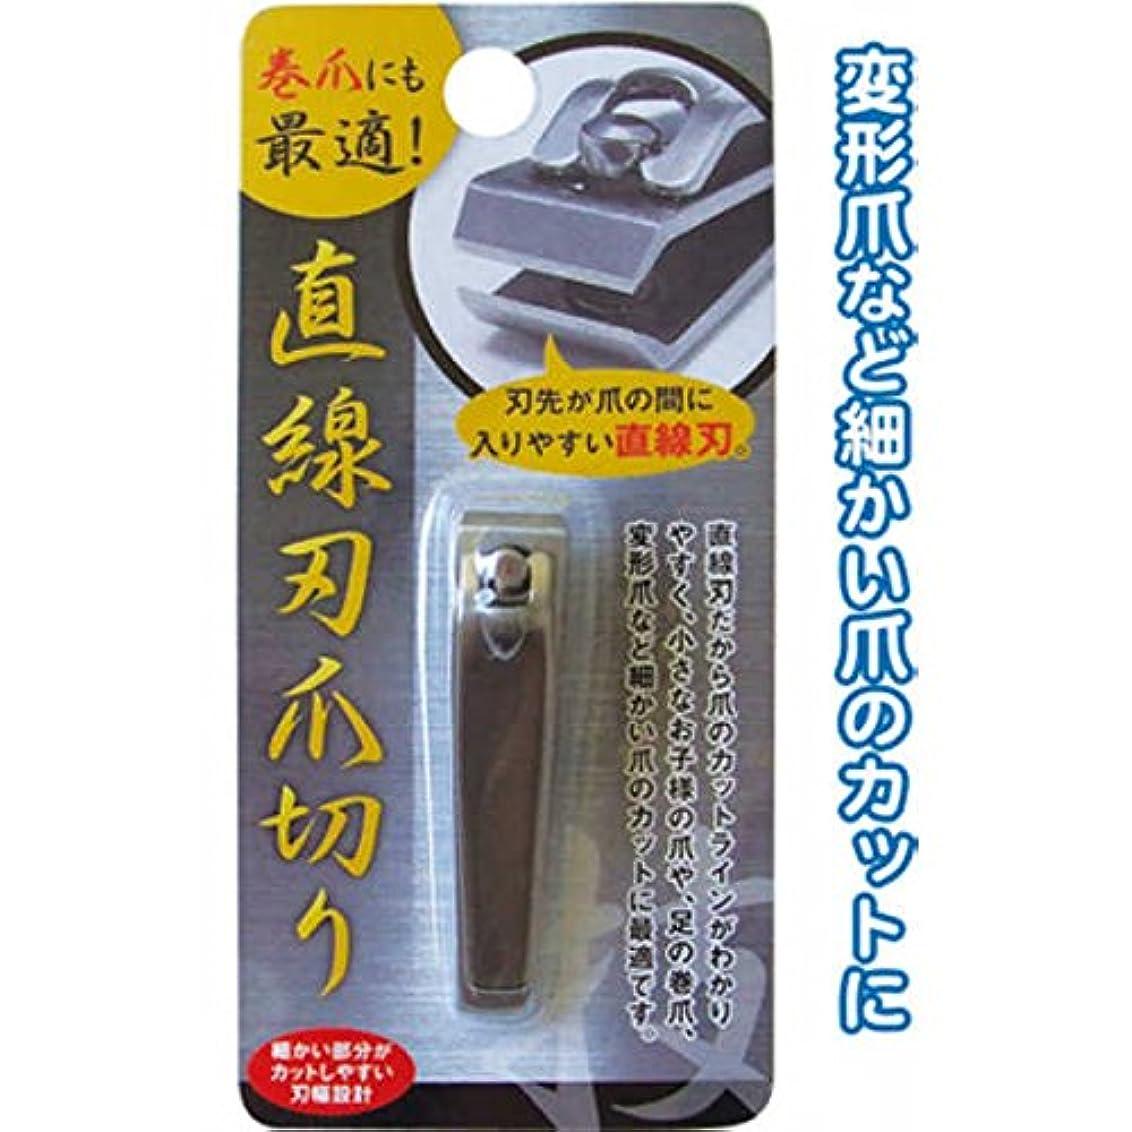 権利を与える滑る記念巻爪にも最適!直線刃ステンレス爪切り 【まとめ買い12個セット】 18-601